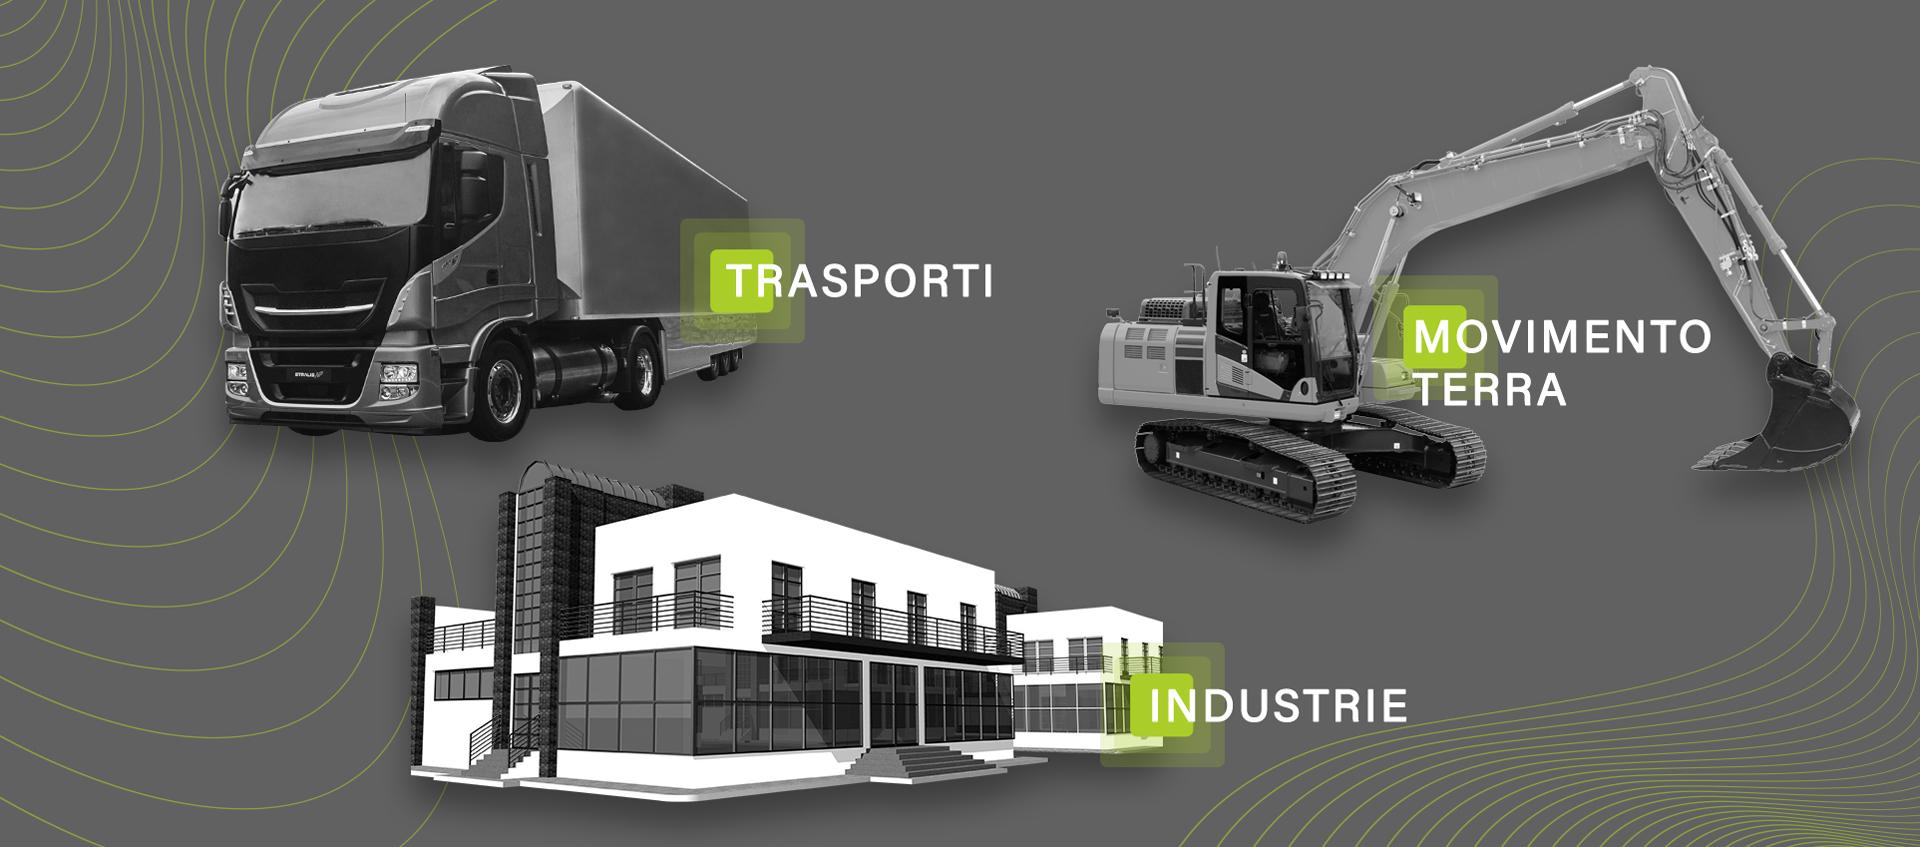 Da anni, il vostro referente di fiducia per accessori e ricambi camion, macchine movimento terra e veicoli industriali a Verona e provincia